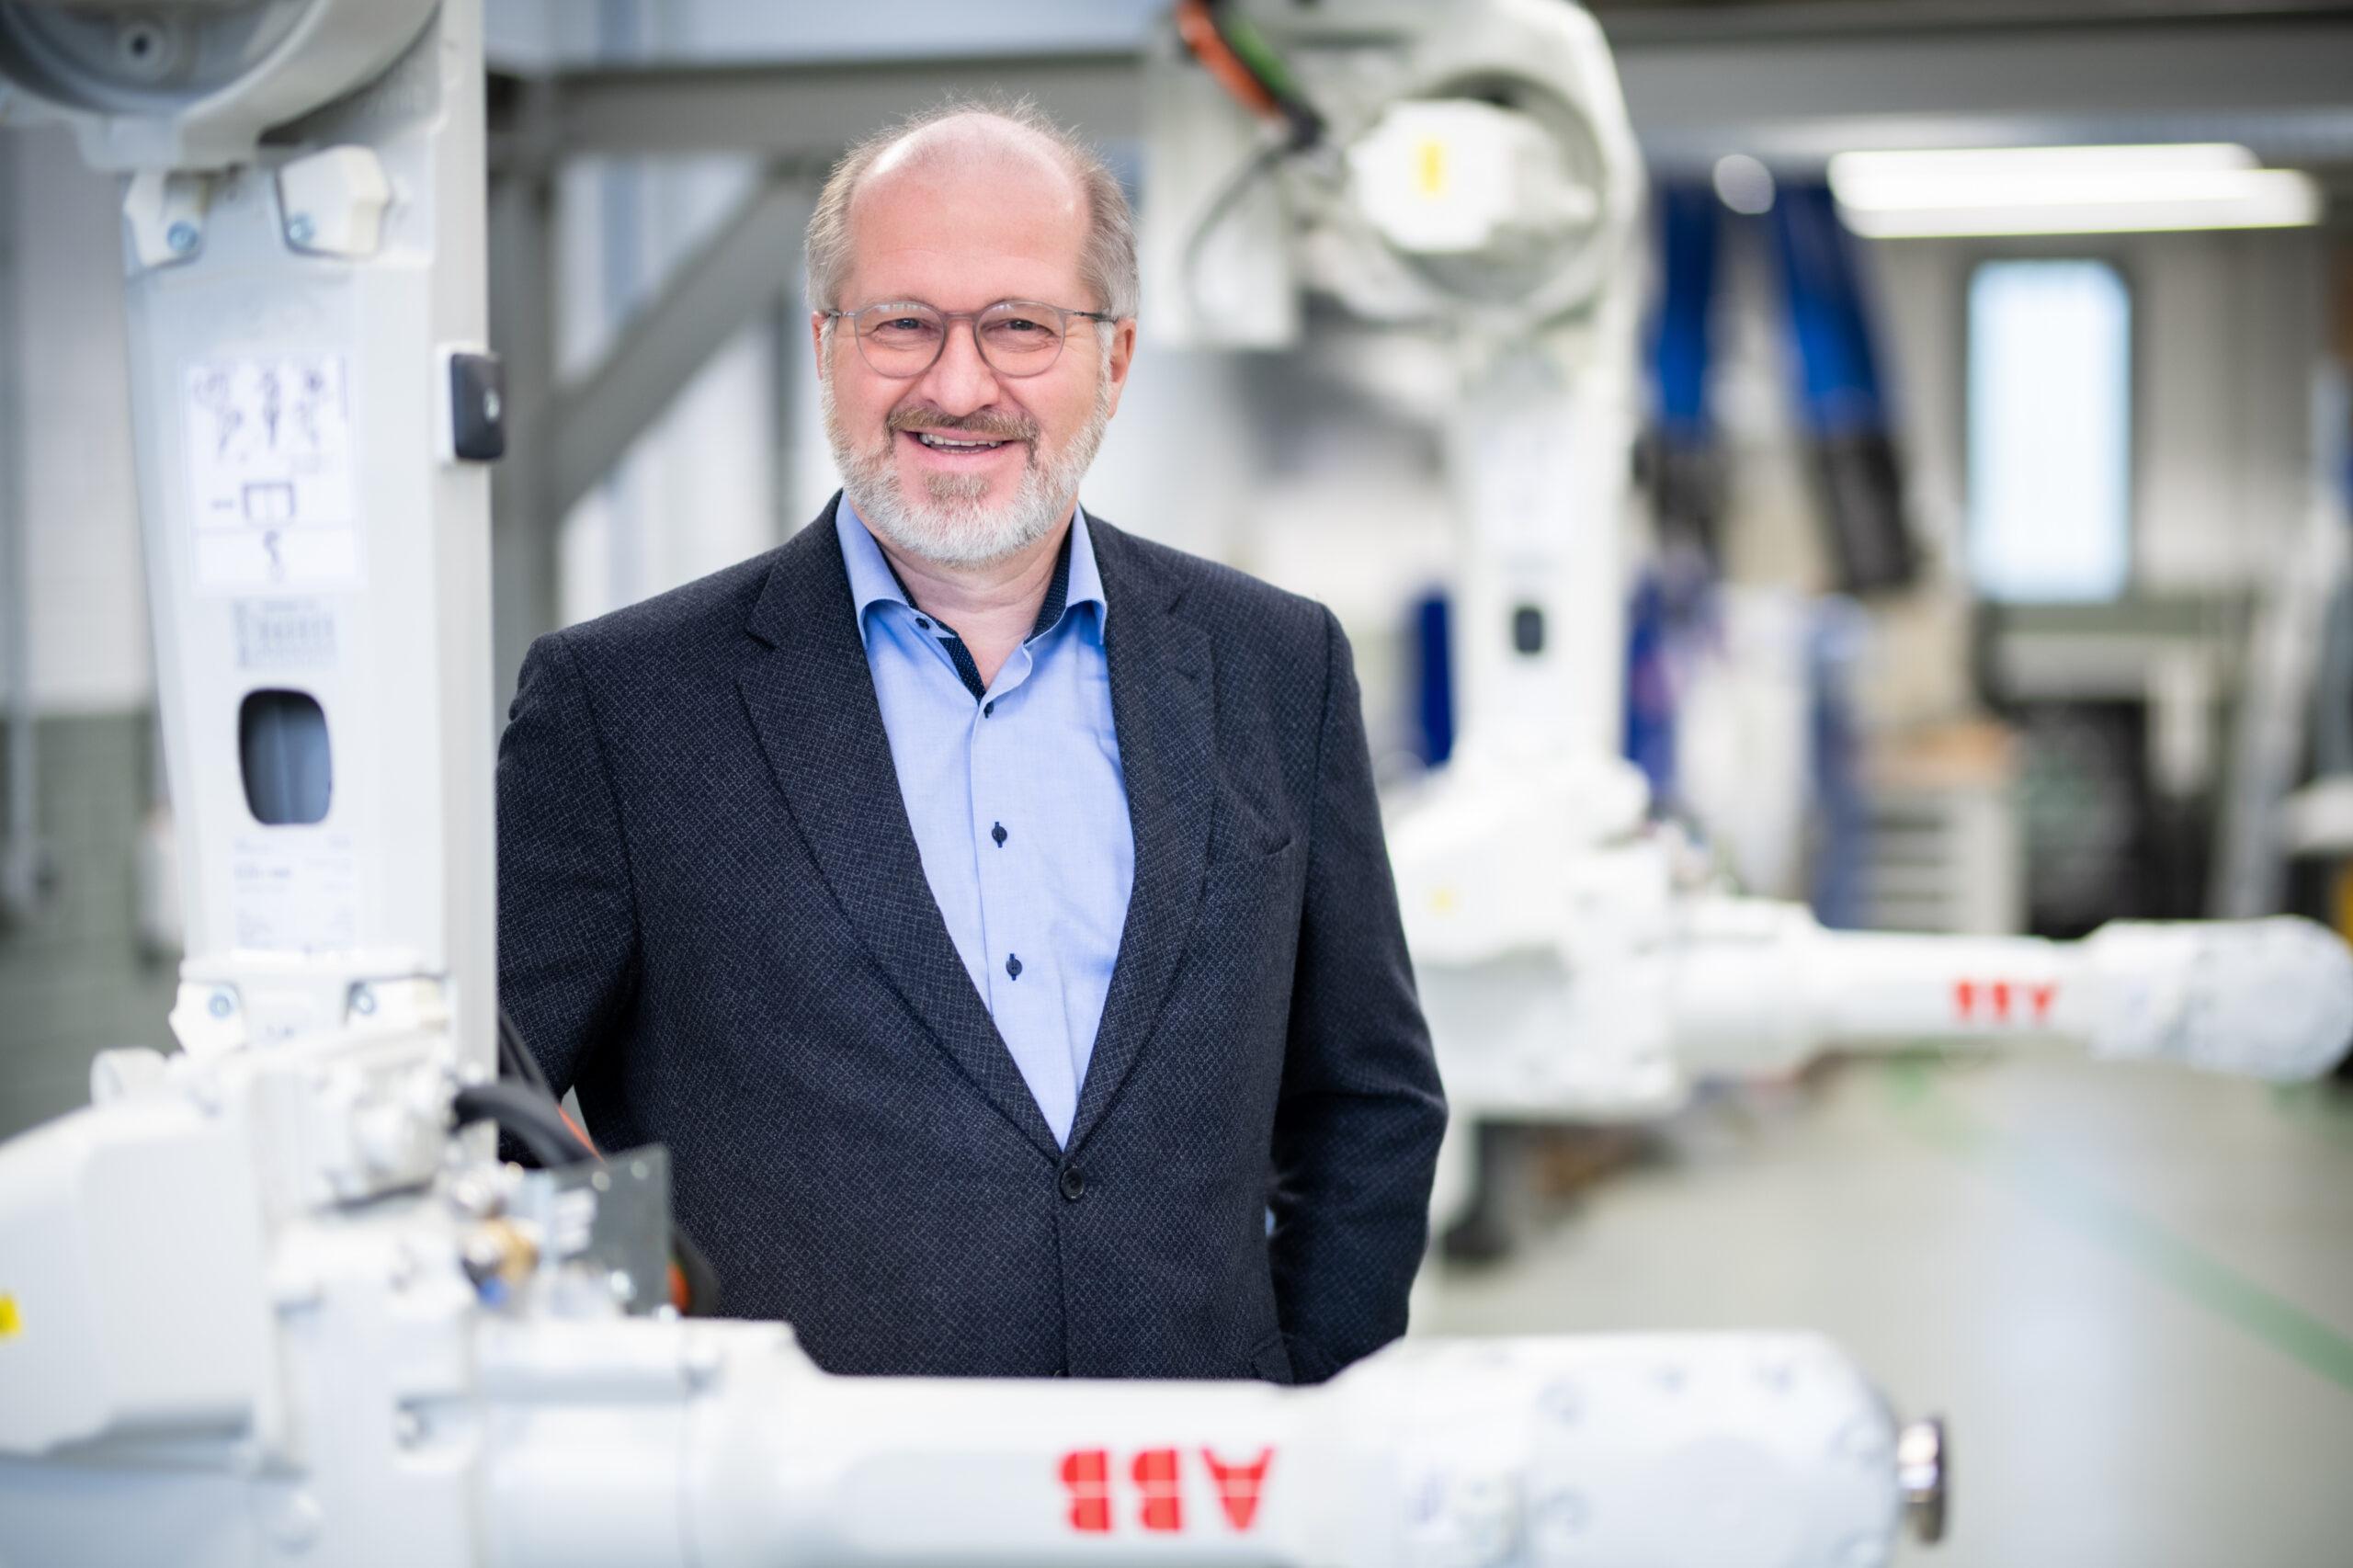 Dr.-Ing. Peter Jahns